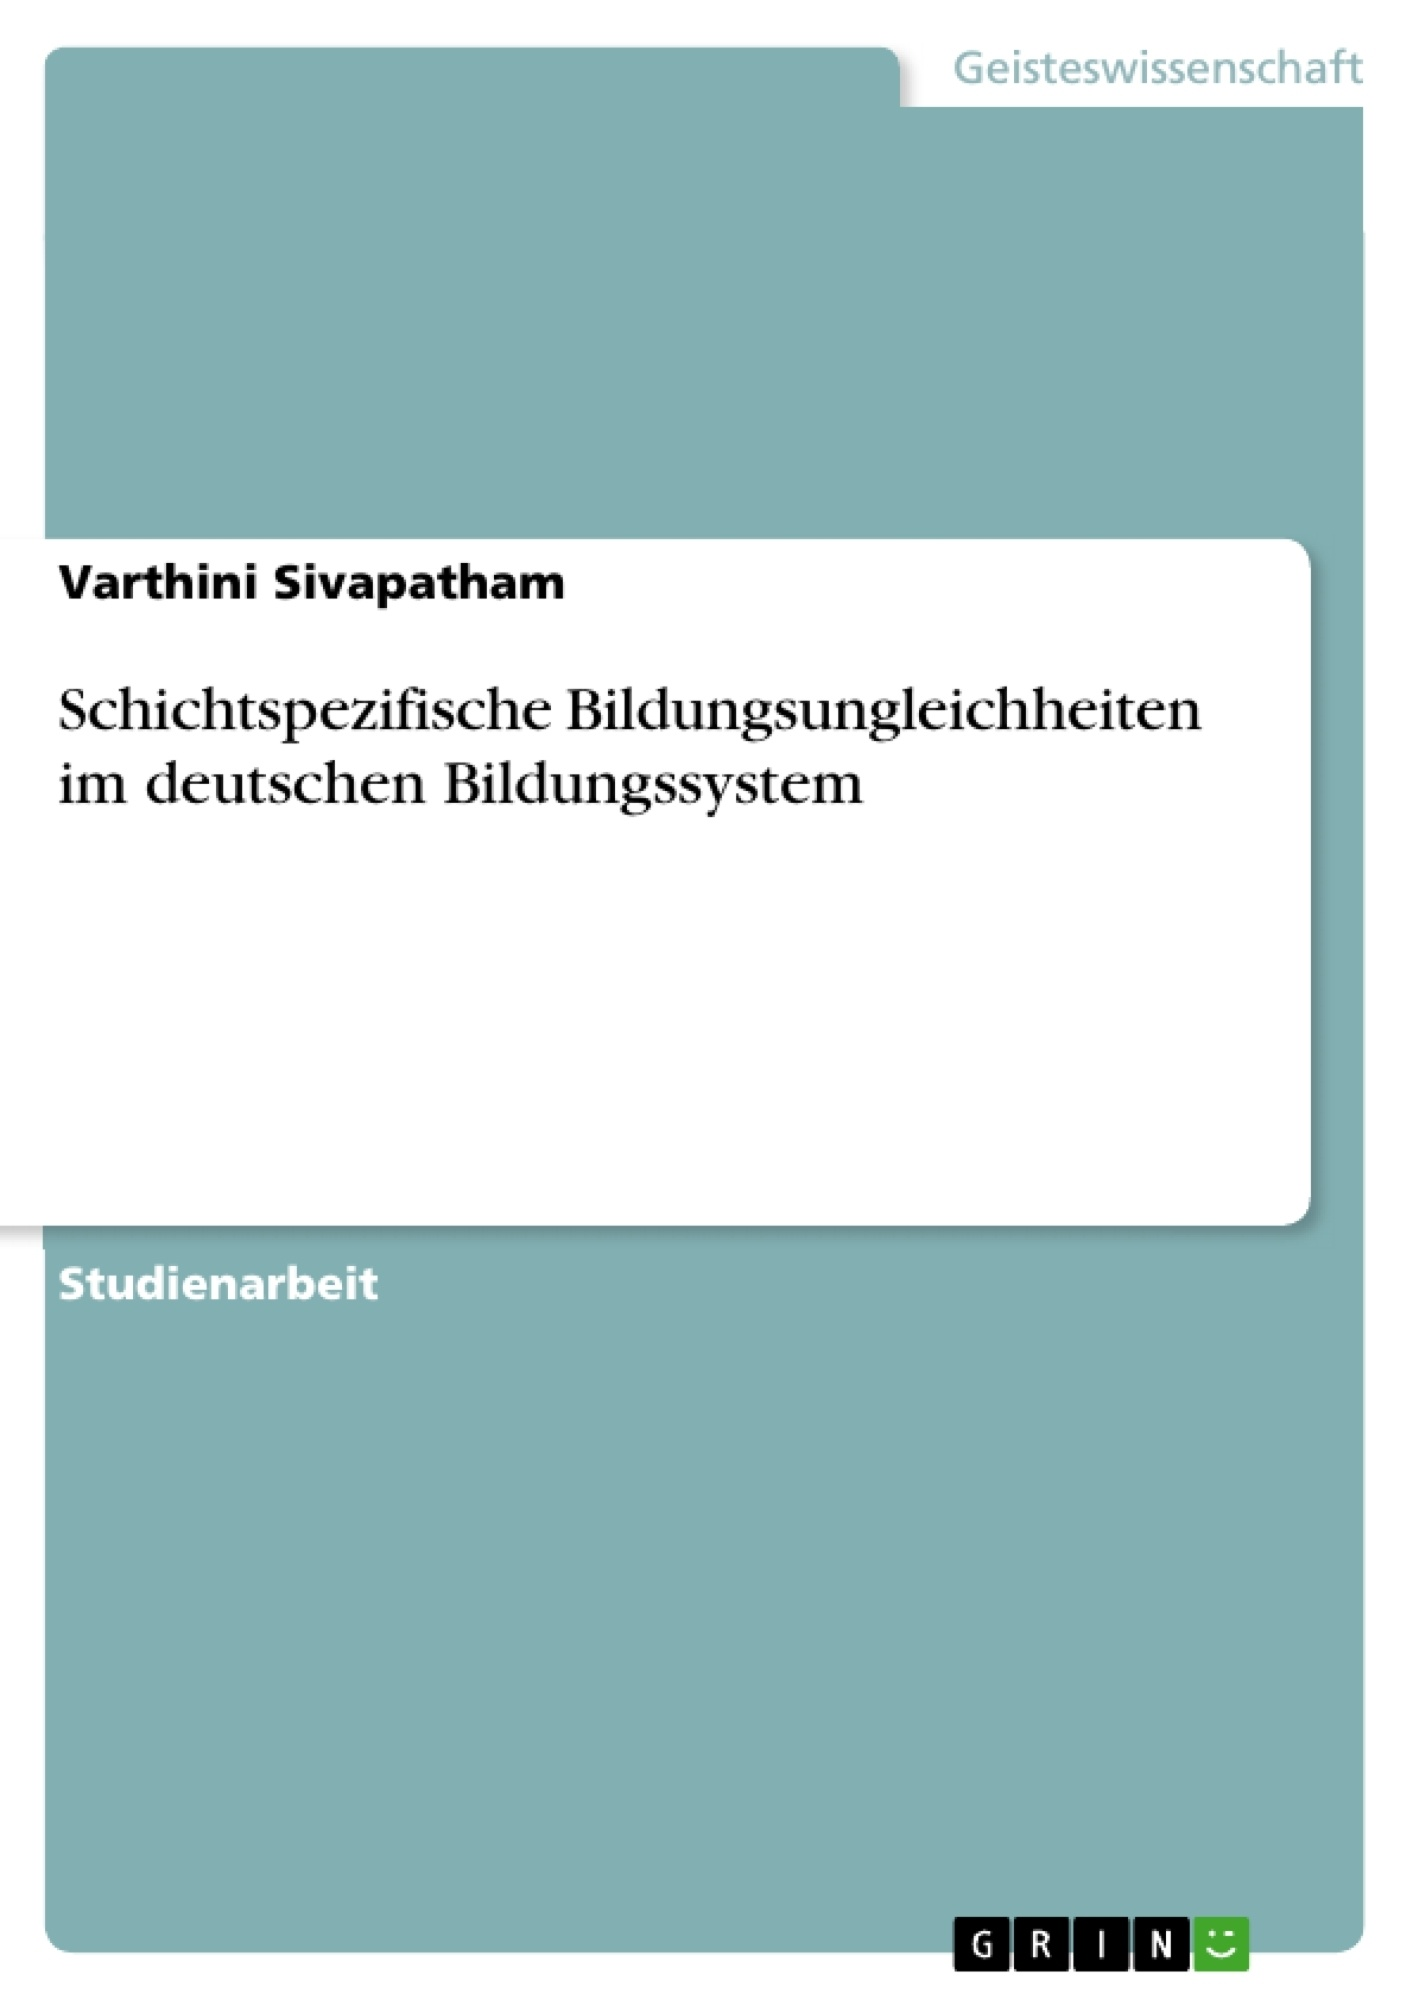 Titel: Schichtspezifische Bildungsungleichheiten im deutschen Bildungssystem